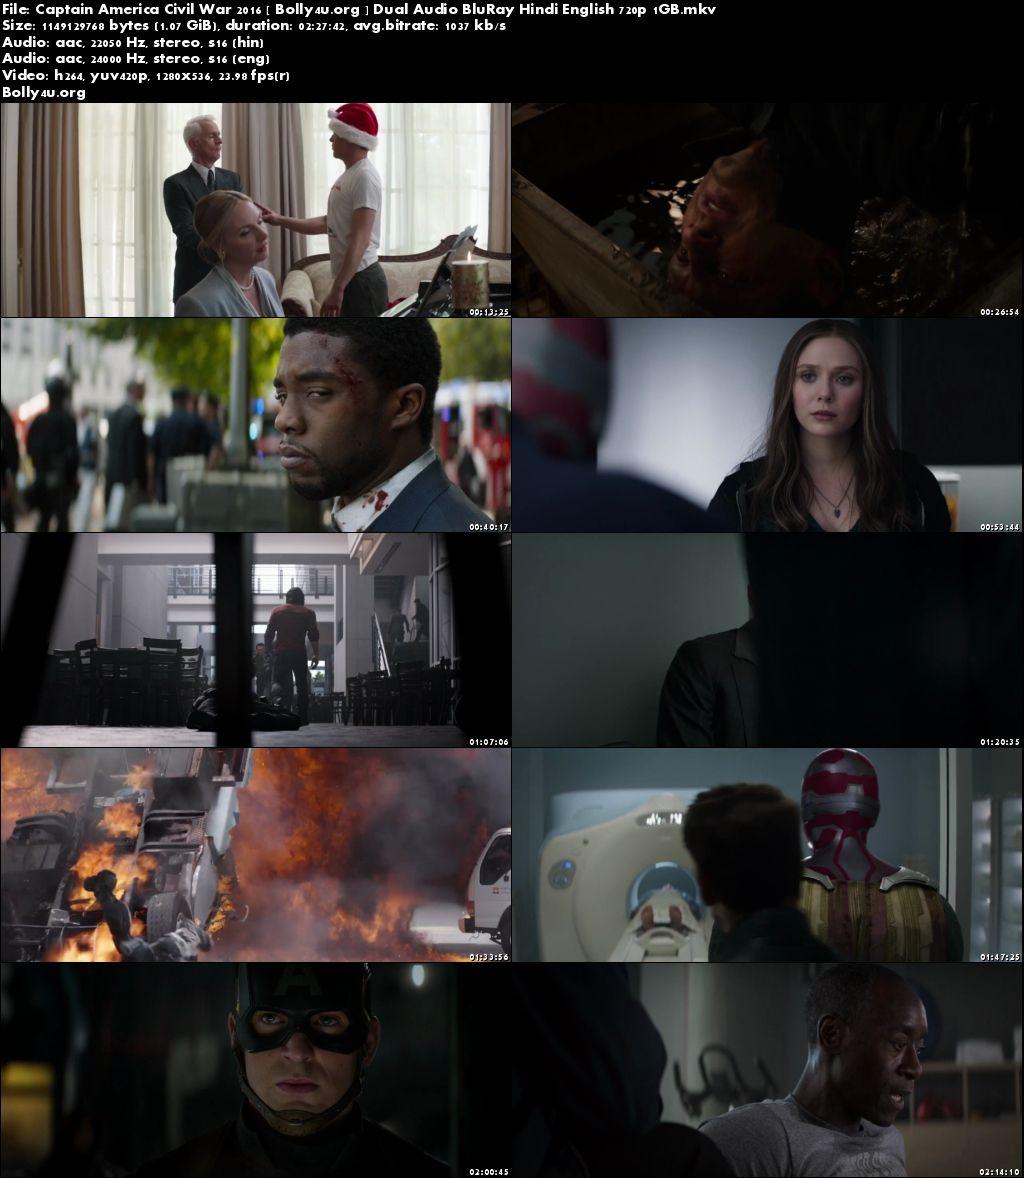 Captain America Civil War 2016 BRRip 1GB Hindi Dual Audio 720p Download